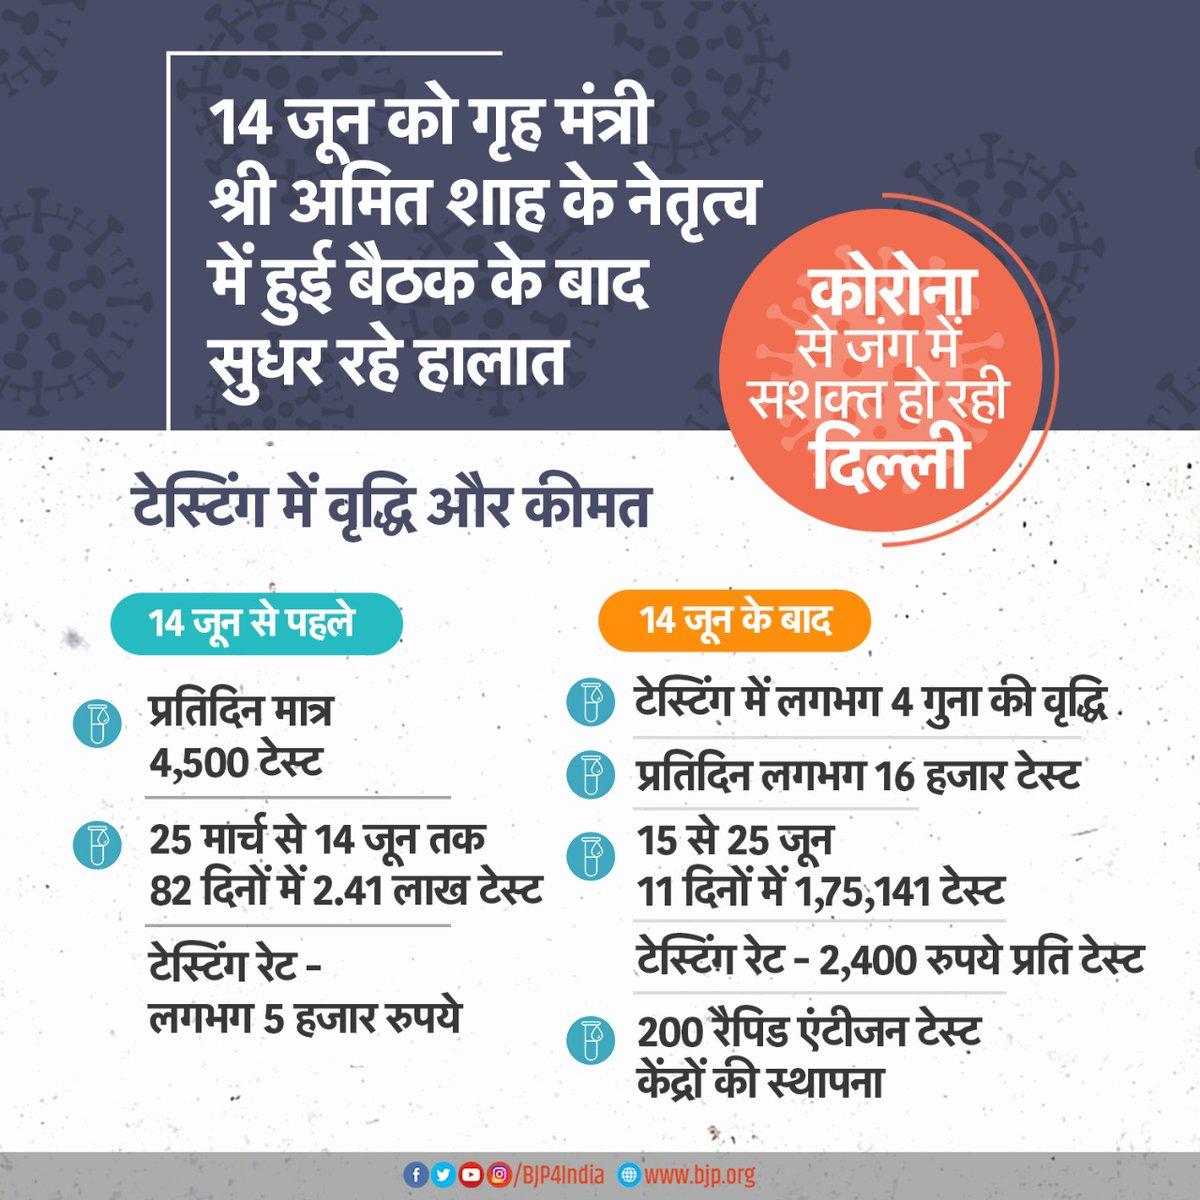 14 जून को गृहमंत्री श्री @AmitShah के नेतृत्व में हुई बैठक के बाद सुधर रहे दिल्ली के हालात। 14 जून के बाद: • टेस्टिंग में 4 गुना की वृद्धि। • प्रतिदिन 16 हजार टेस्ट। •200 रैपिड एंटीजन टेस्ट केंद्रों की स्थापना।